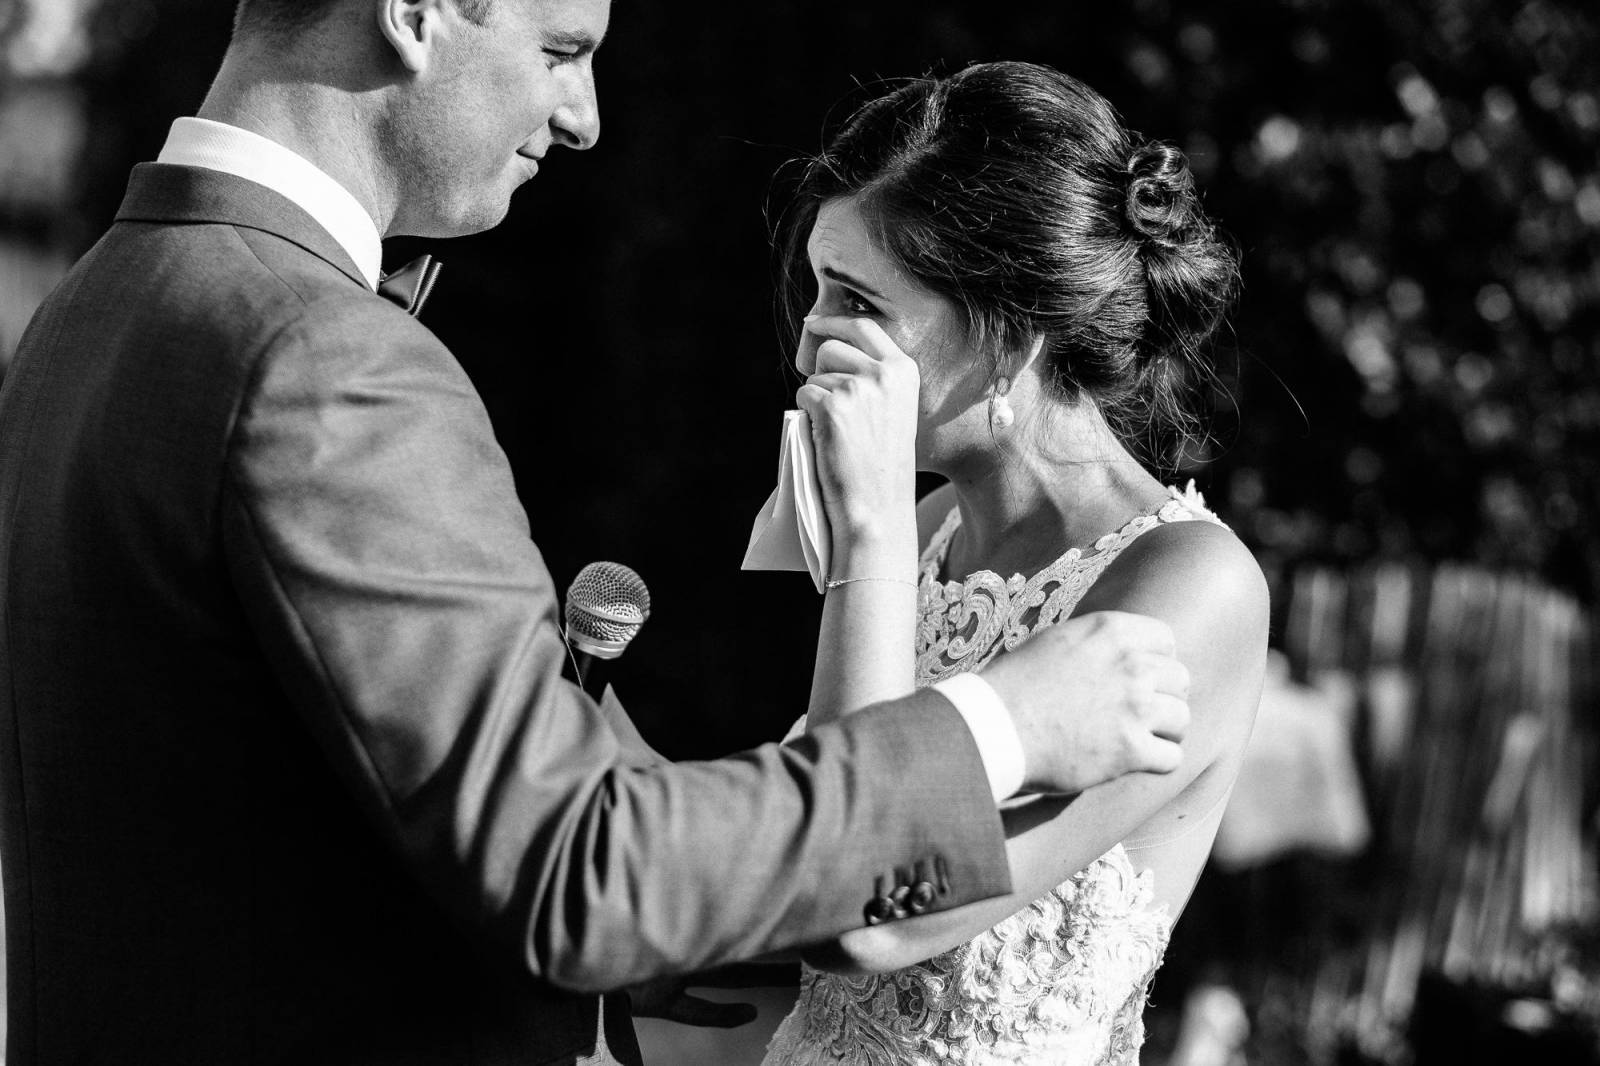 Jonas De Gent - Huwelijksfotograaf - House of Weddings - 3